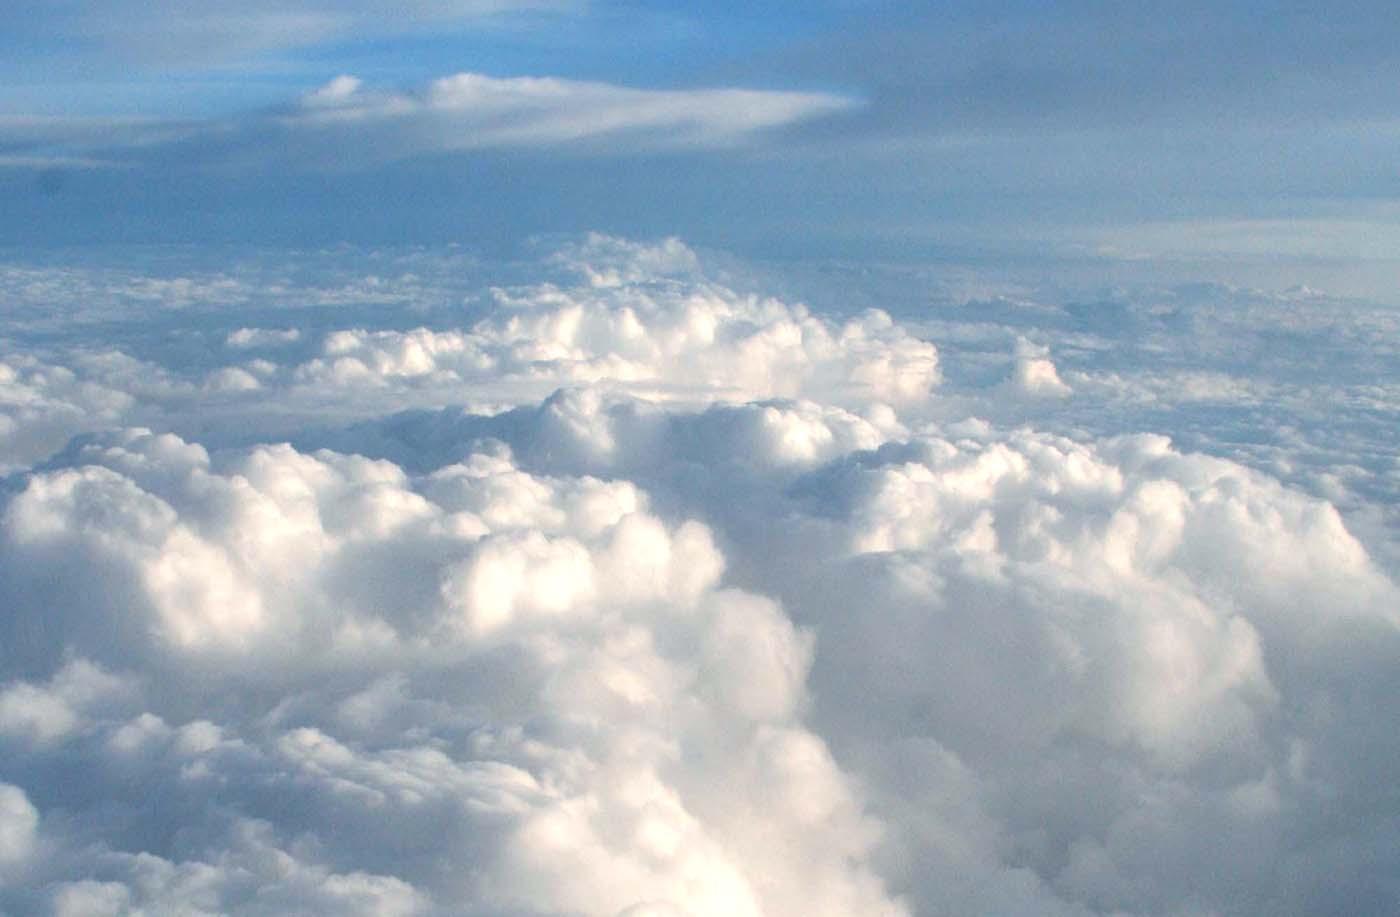 CloudsFromPlaneBLOG.jpg